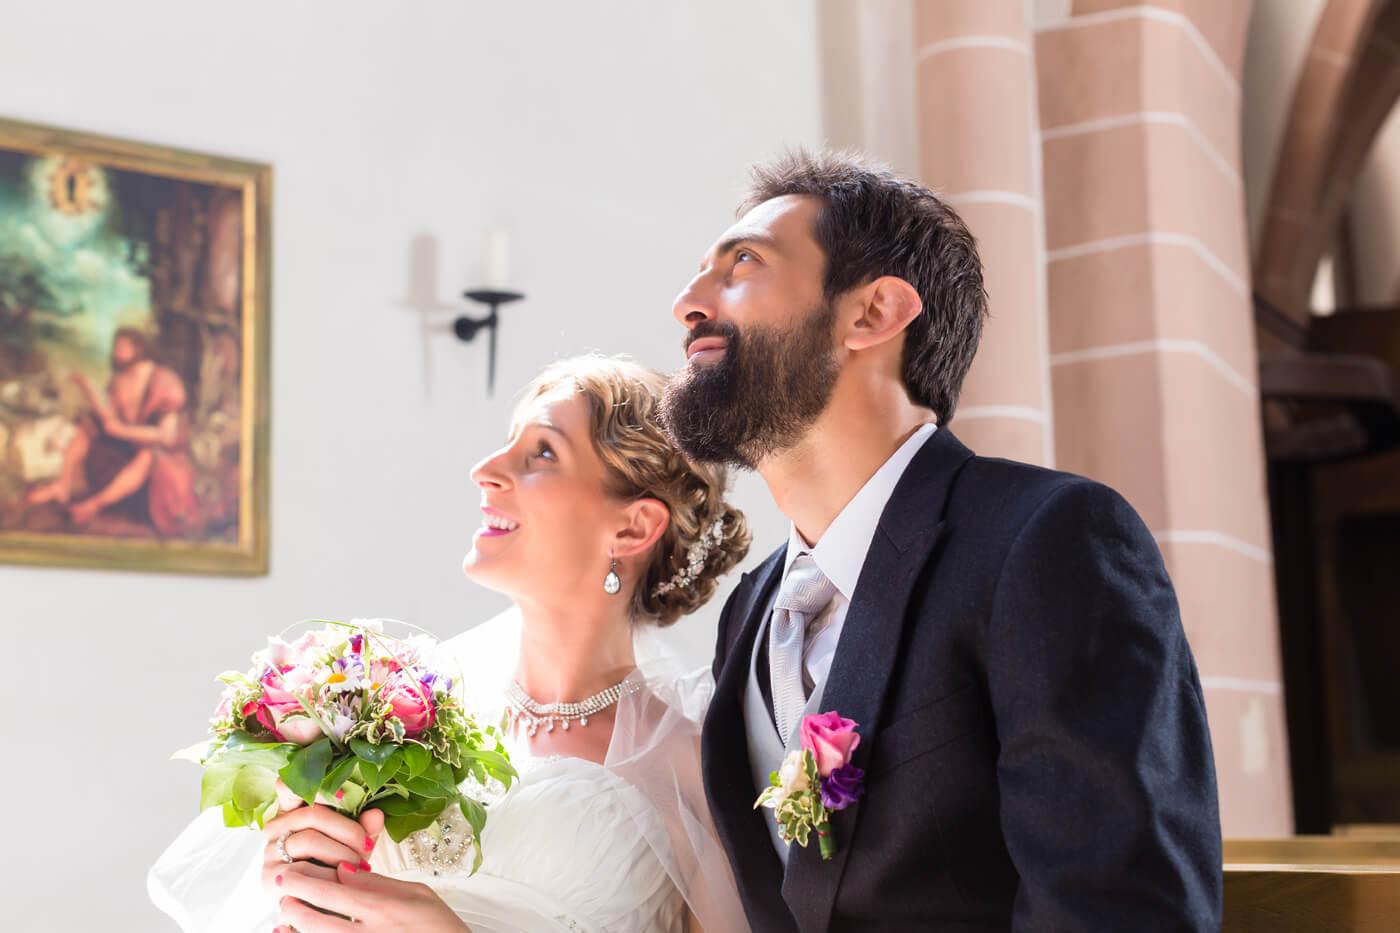 Danke Hochzeitsversion Liedtexte Speziell Passend Zur Hochzeit